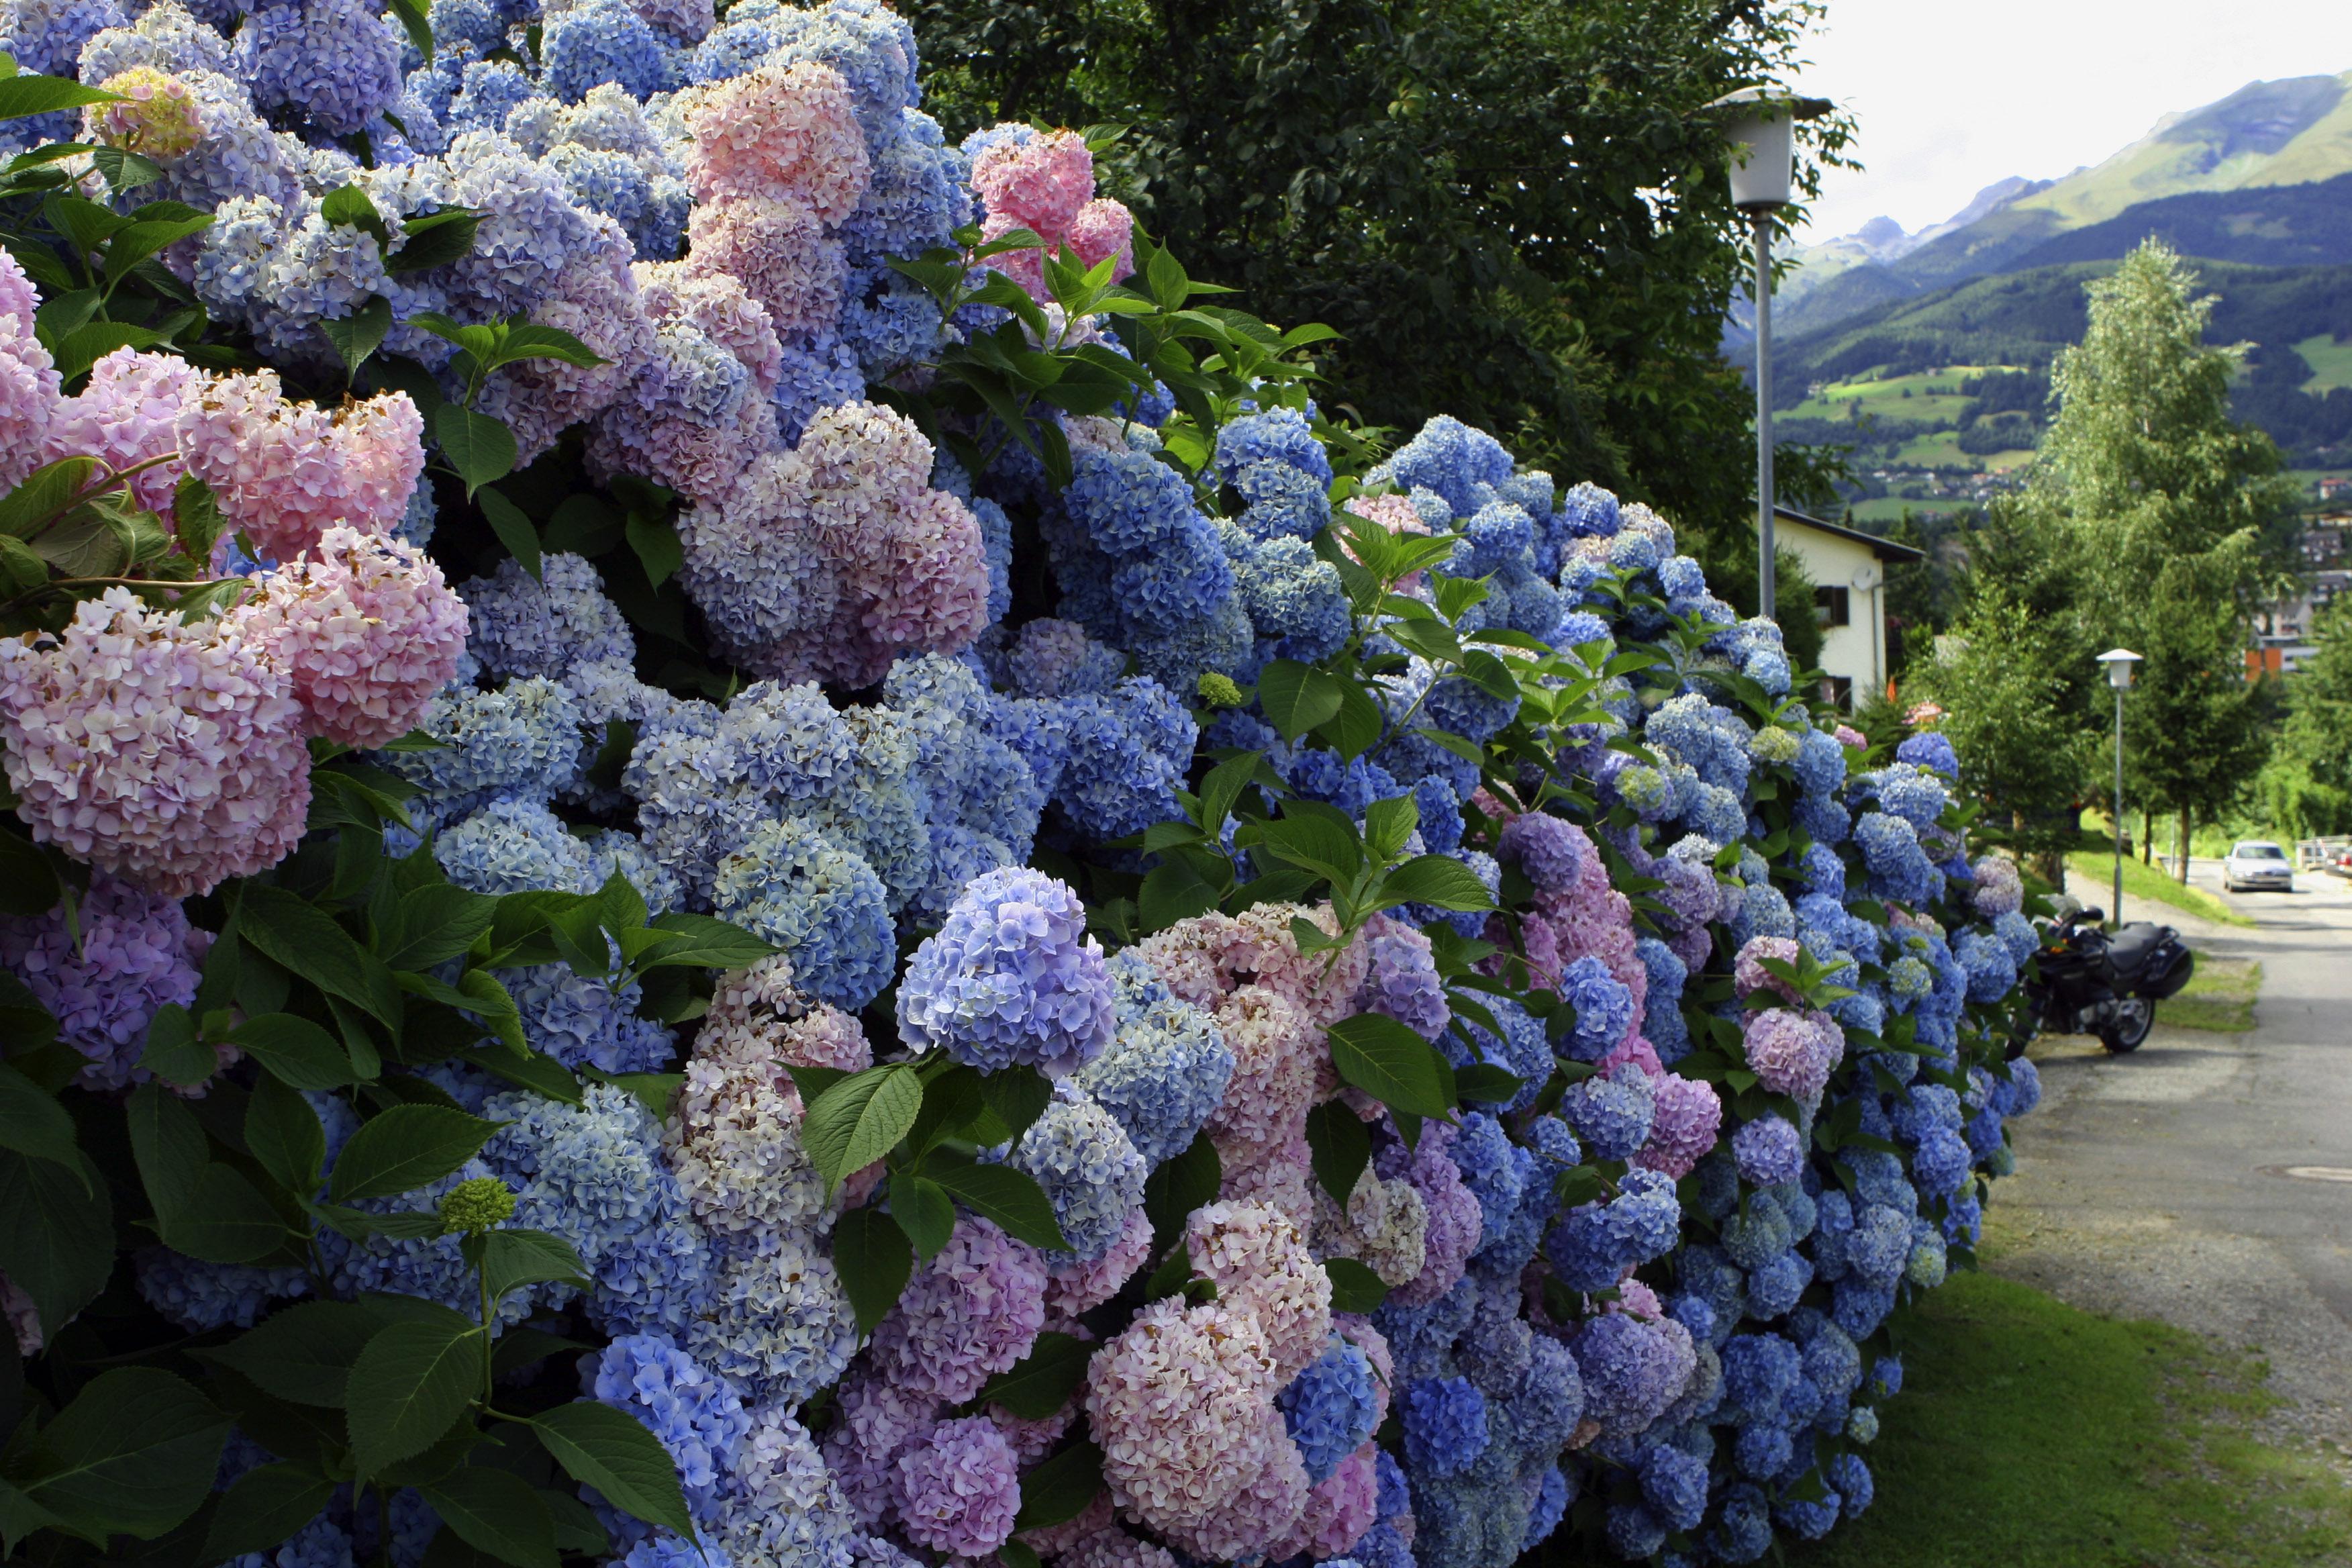 картинки для рабочего стола садовые цветы чем больше